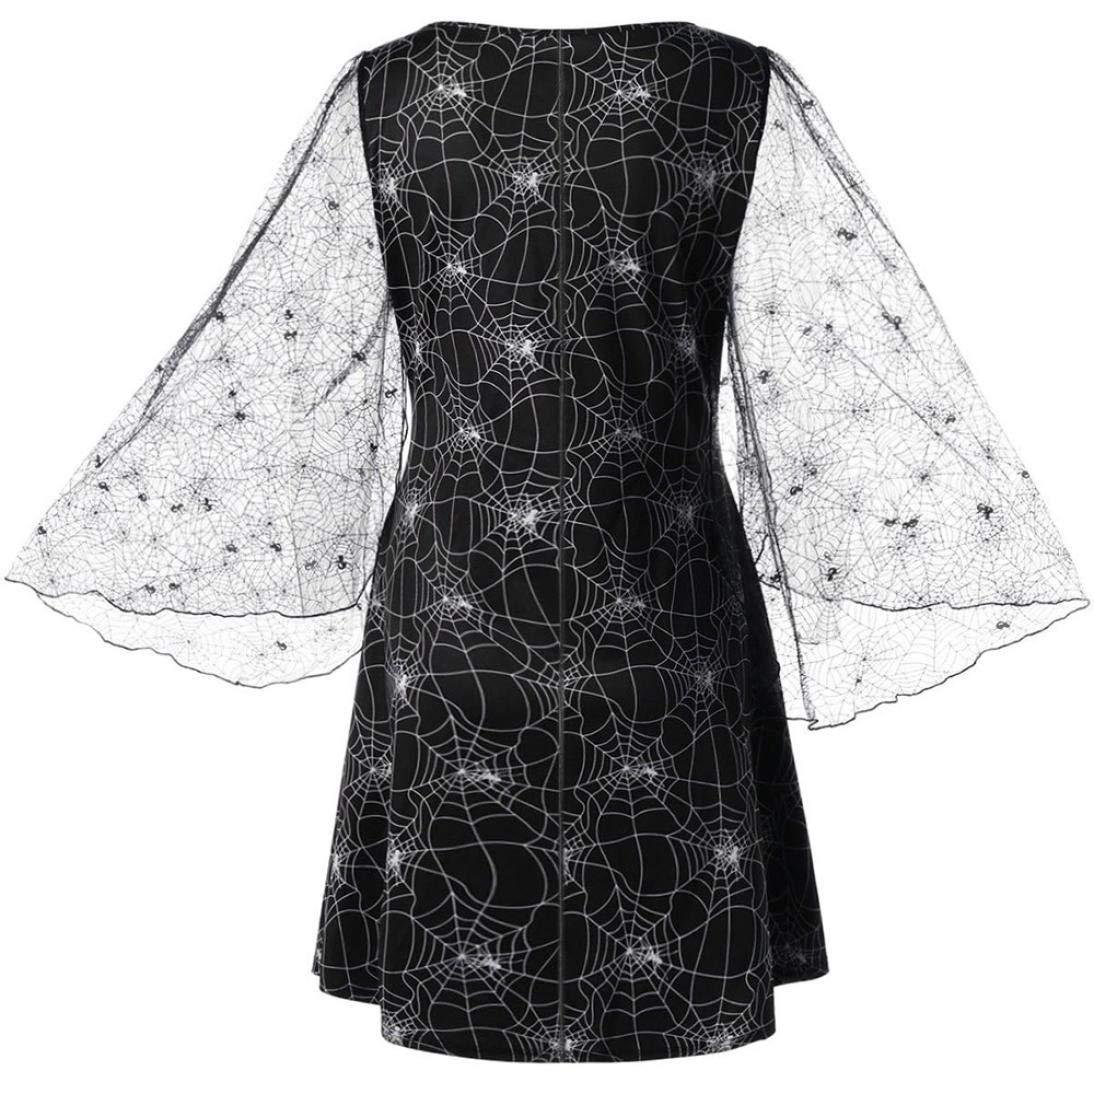 Vestido de Estilo Web de araña de Halloween, Covermason Vestido Estilo Web de araña Vestido de Malla de Malla Vestido de Manga Larga Estampado: Amazon.es: ...